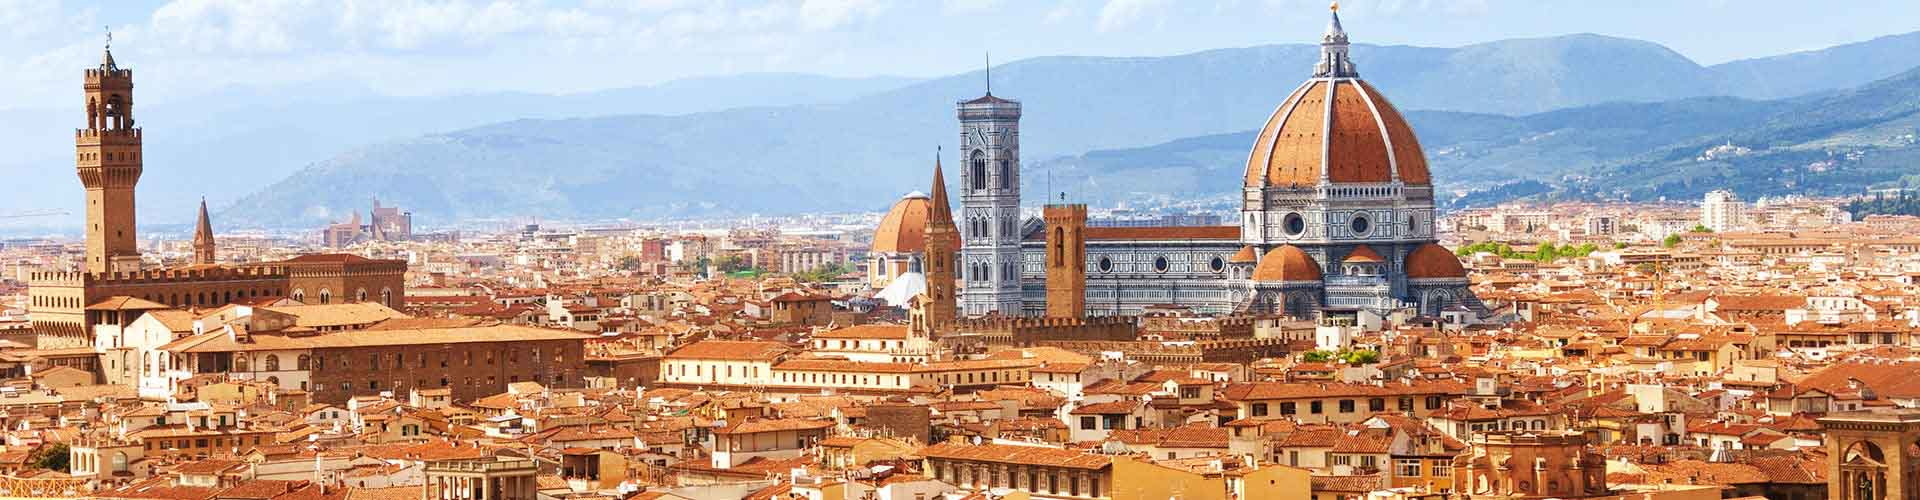 Firenze - Ifjúsági Szállások közel Peretola Repülőtér. Firenze térképek, fotók és ajánlások minden egyes Ifjúsági Szállásra: Firenze.